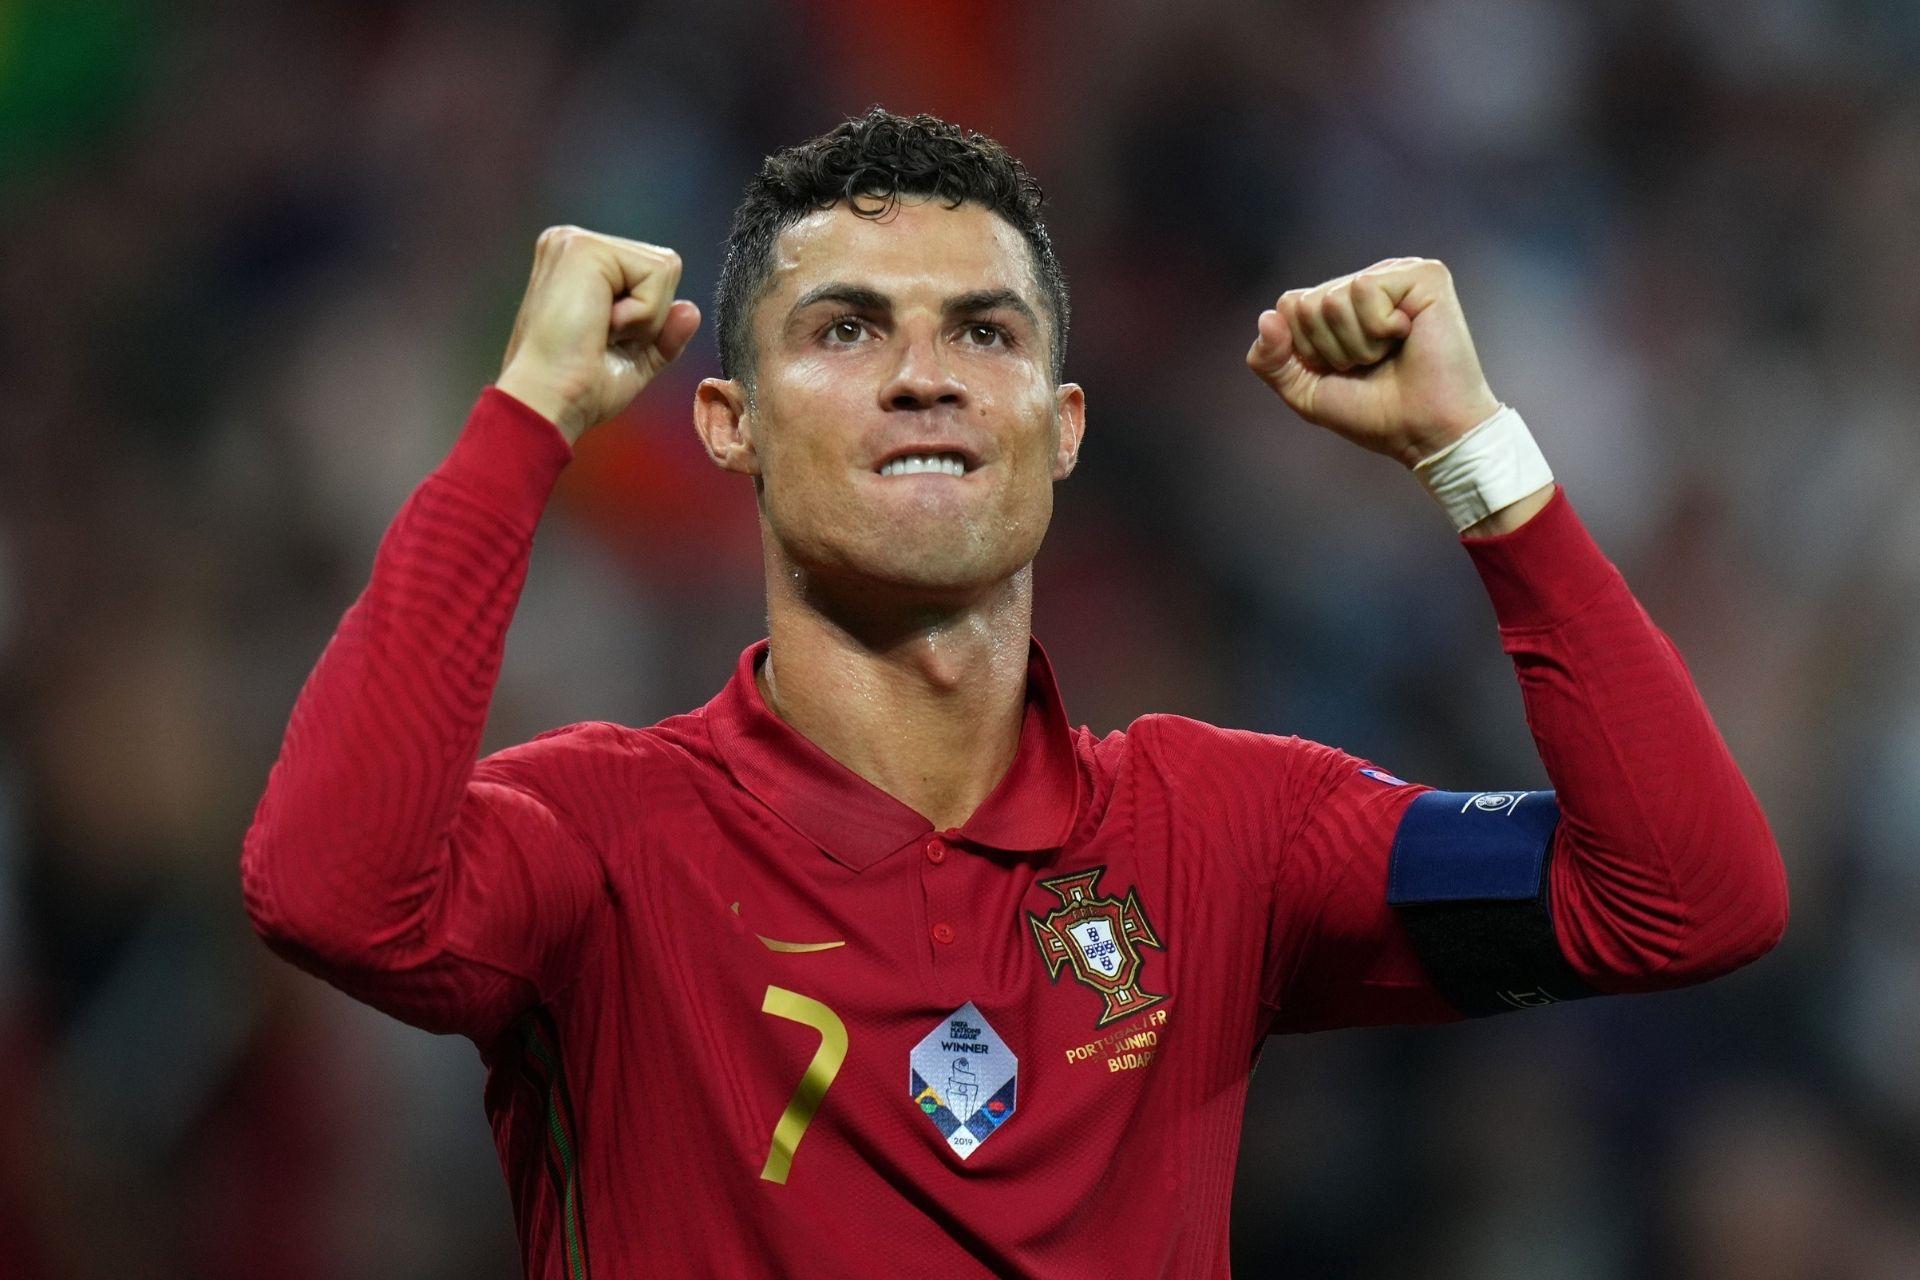 Cristiano Ronaldo se lleva trofeo de máximo goleador de la Eurocopa que es registrado en blockchain y convertido en un coleccionable digital